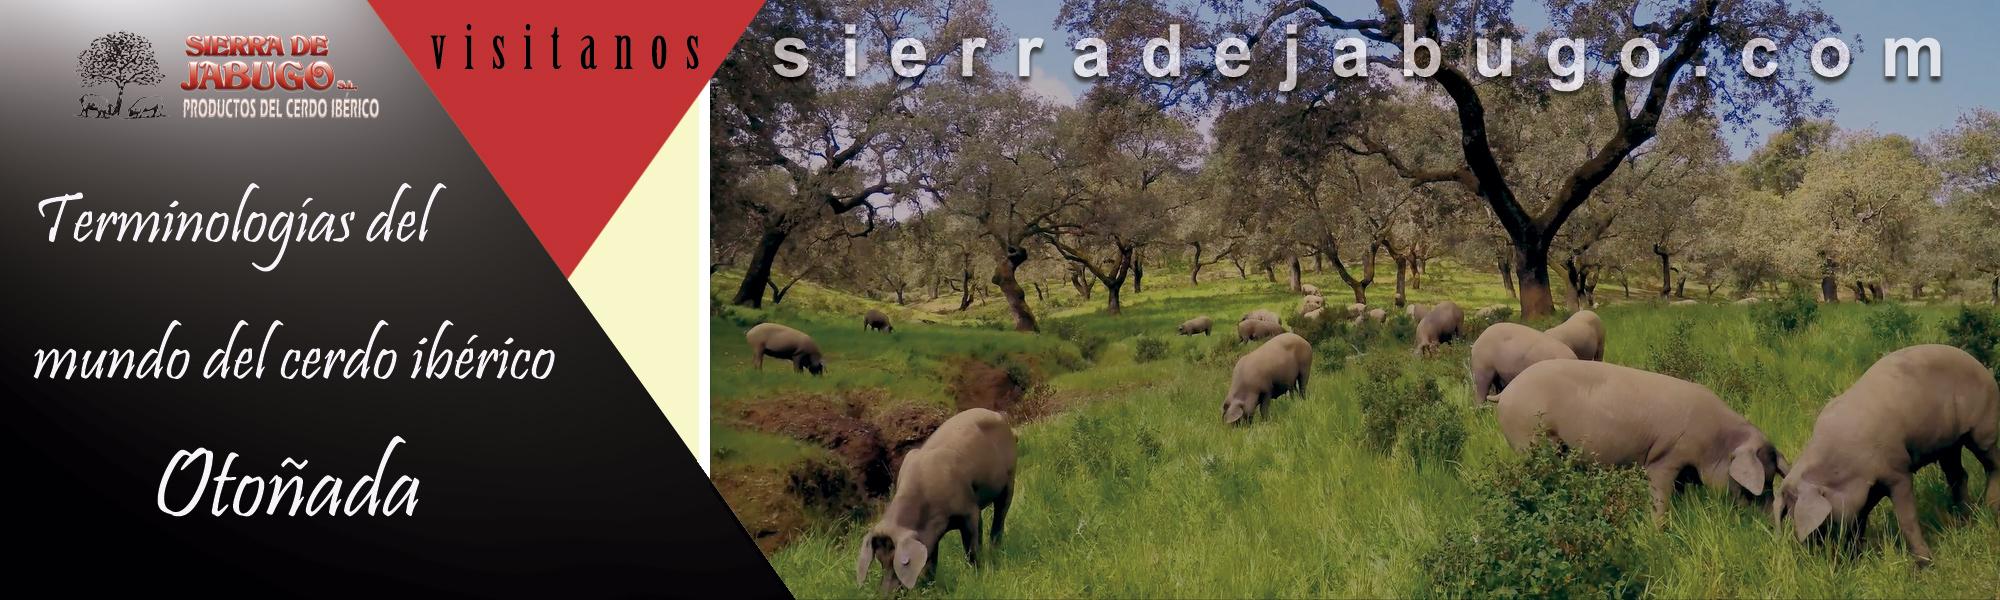 Otoñada dehesa Sierra de Jabugo